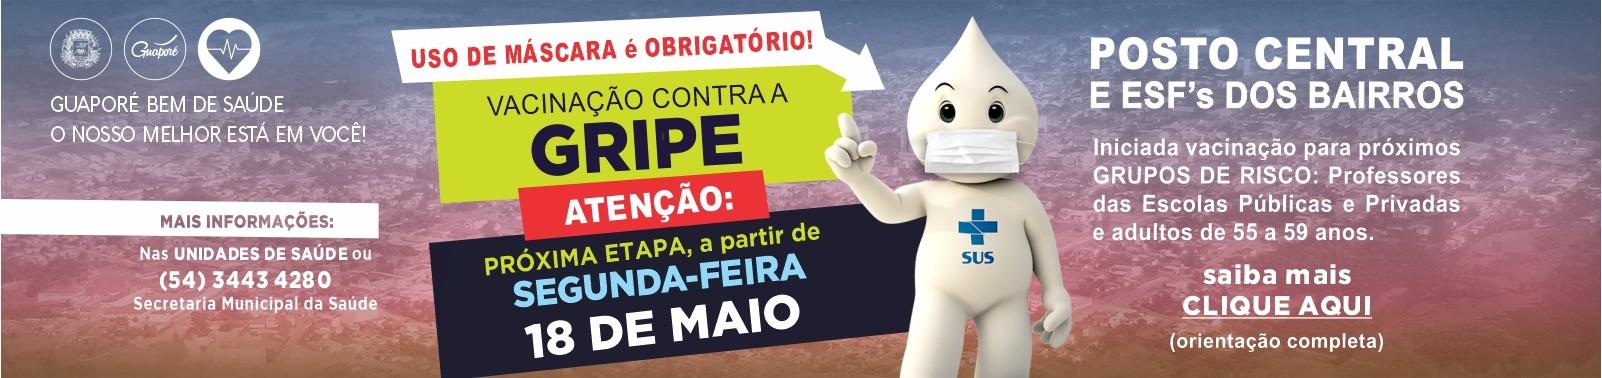 Banner 7 - Vacinação GRIPE - 18 DE MAIO